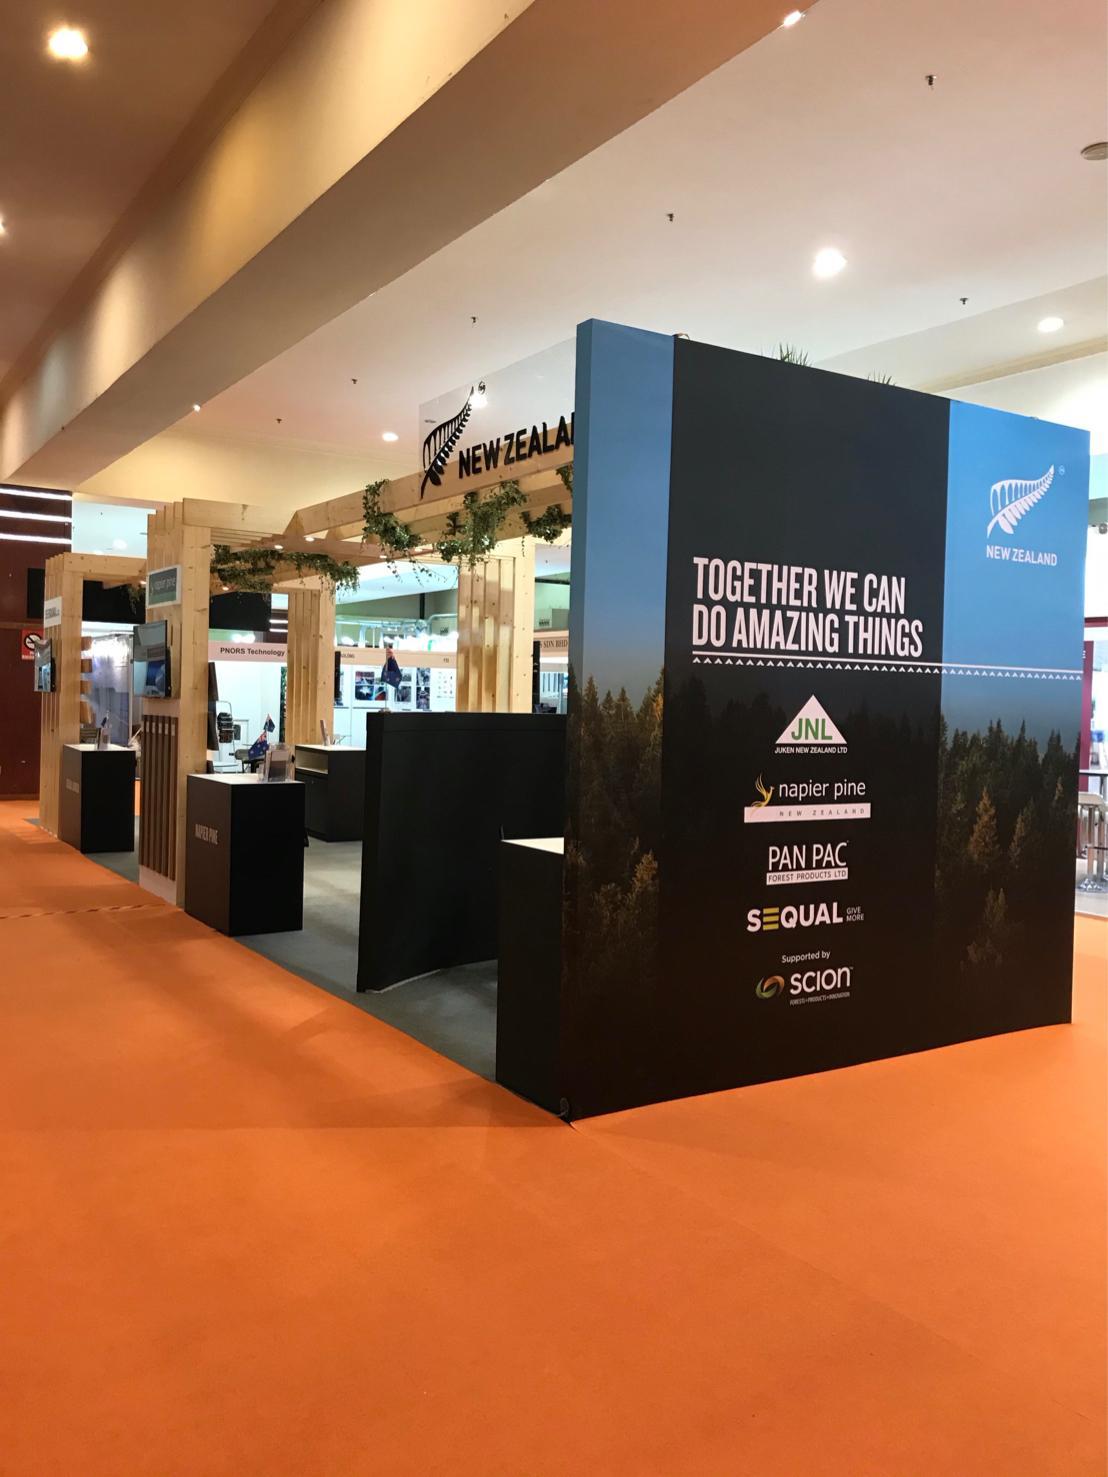 New Zealand Pavilion at MWE 2019